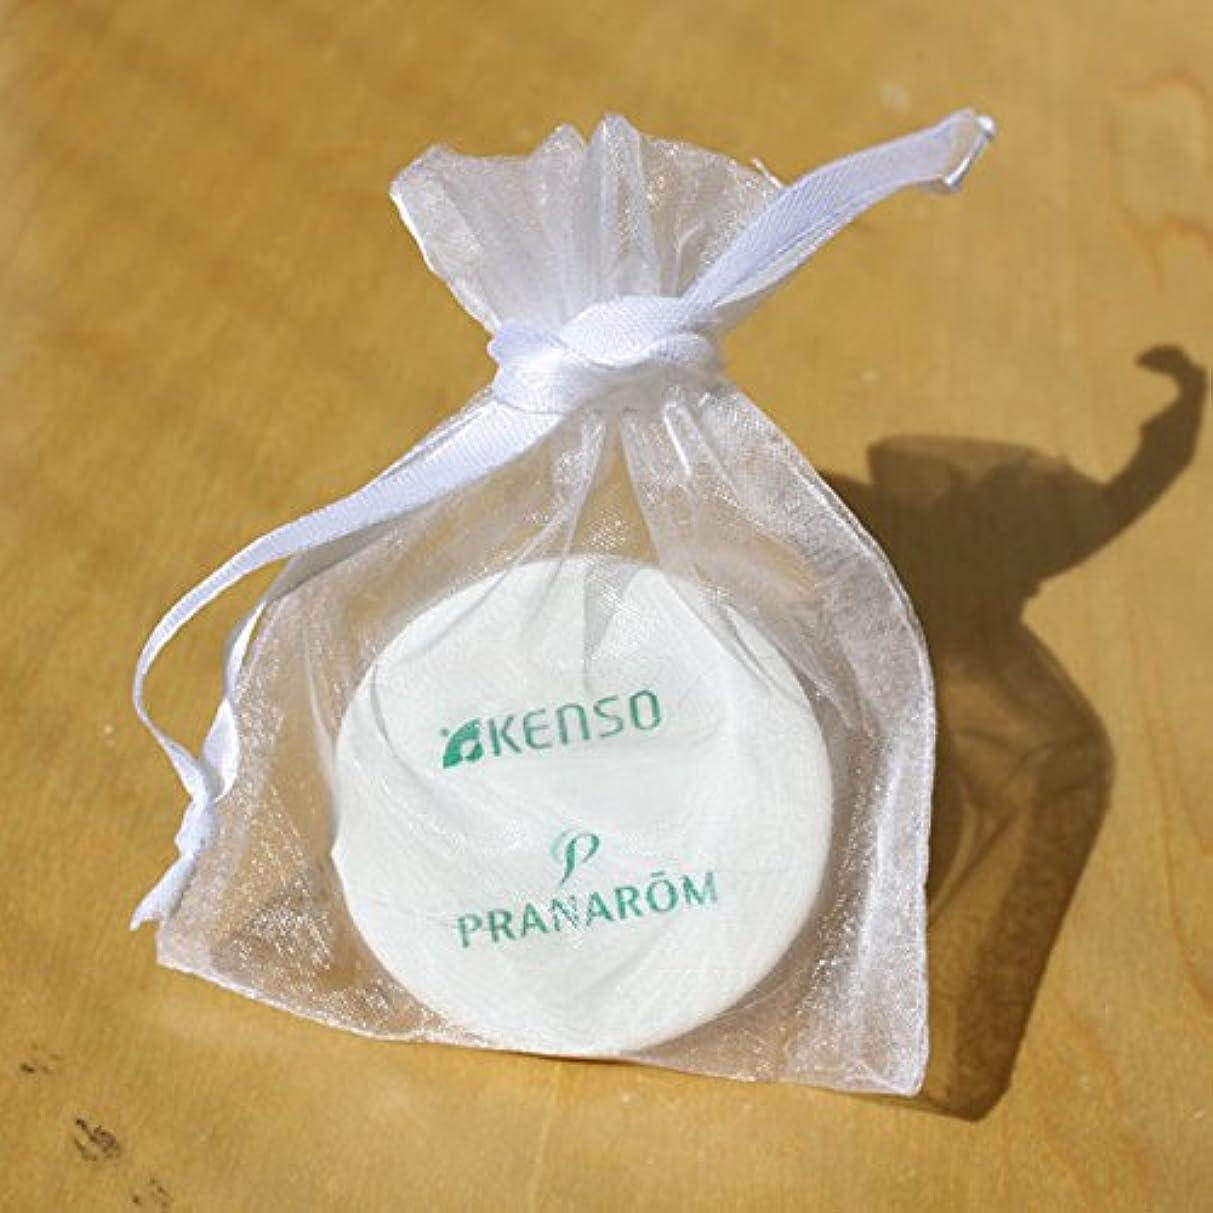 受け入れたにぎやか契約する健草医学舎 ( KENSO ケンソー ) アロマストーン ( 携帯用小袋付ディフューザー ) 02281 アロマストーンディフューザー